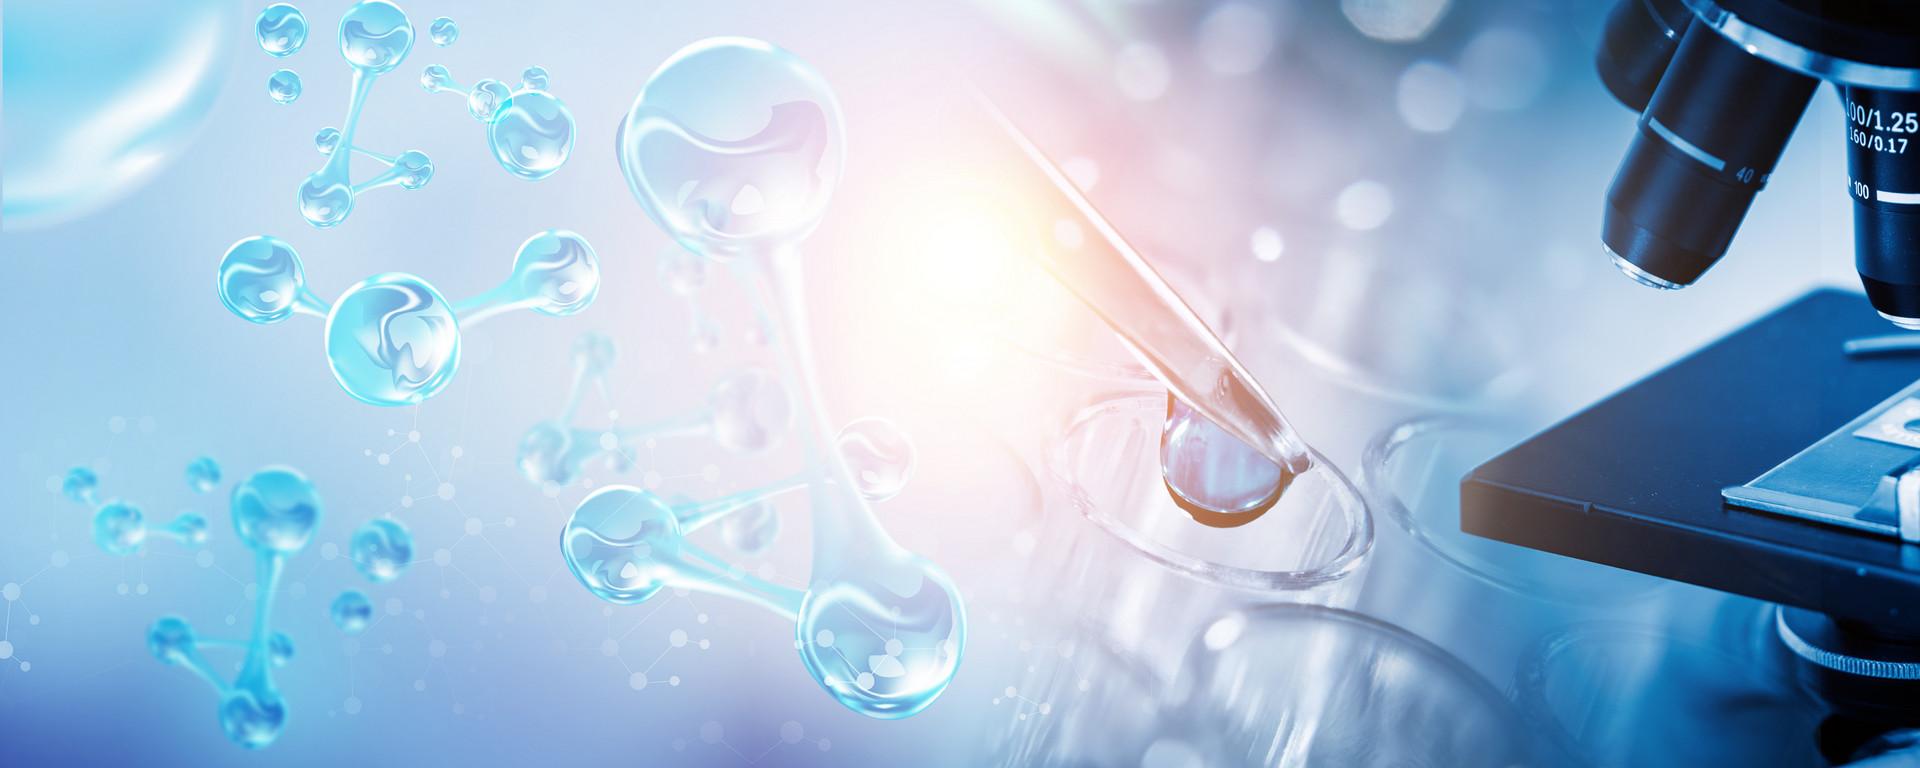 酵素能提升人体的恢复力及自愈能力?